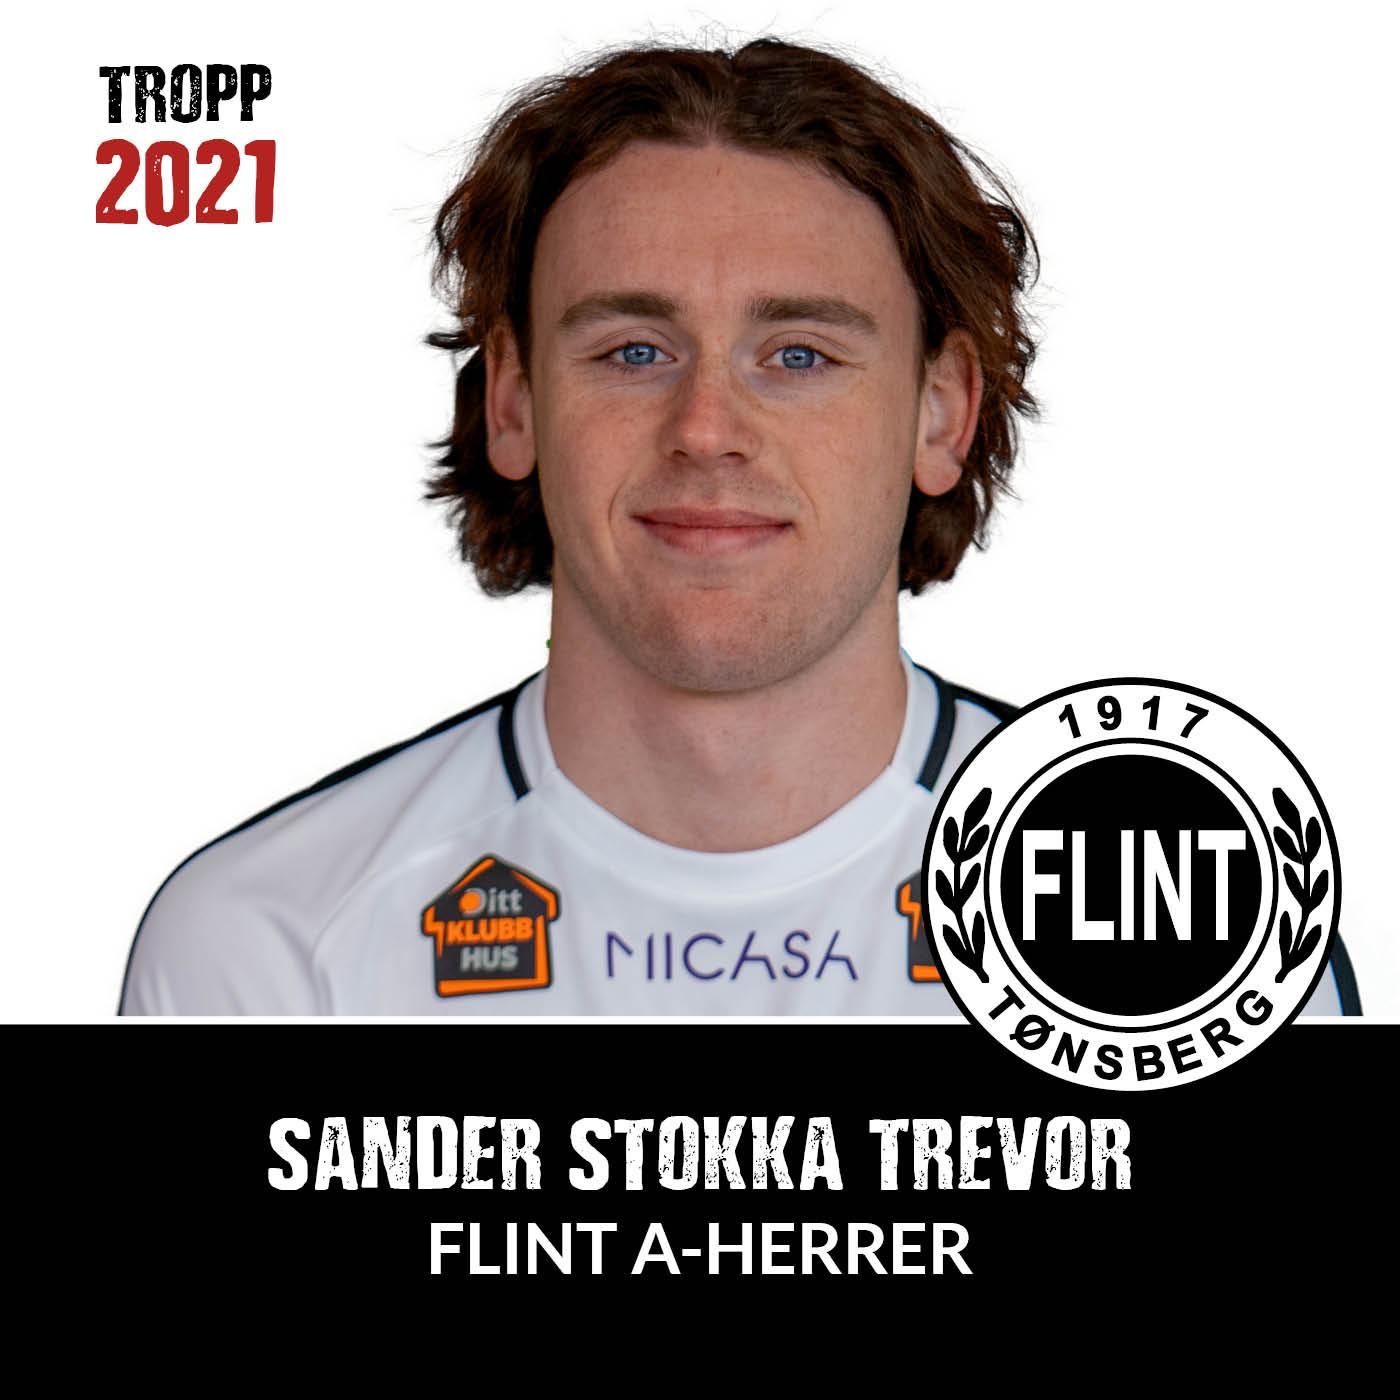 https://www.flintfotball.no/wp-content/uploads/2021/01/A-lag-herrer-2021-Sander-Stokka-Trevor.jpg